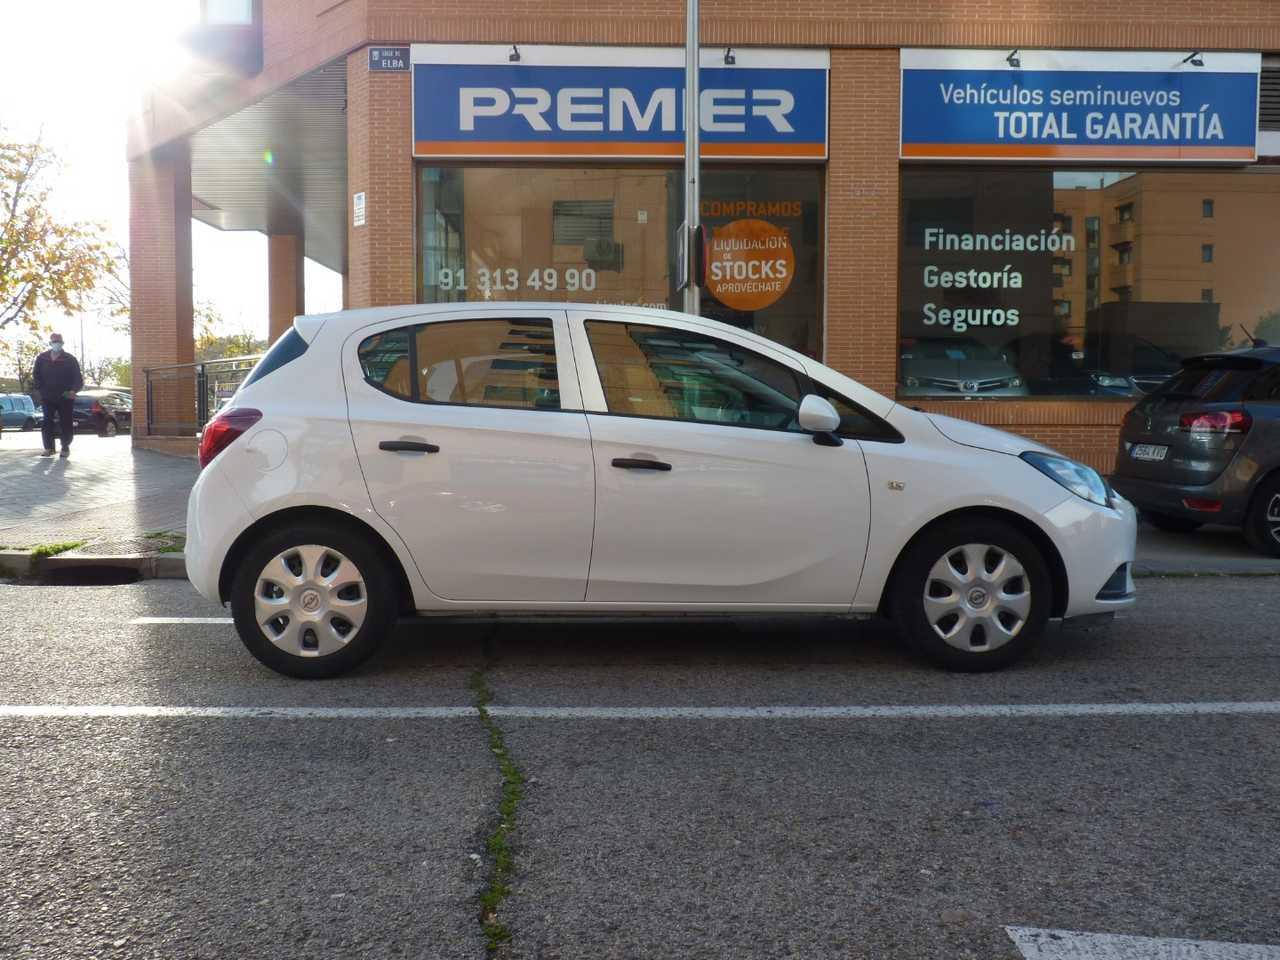 Opel Corsa 1.3 CDTI ESPRESIÓN  - Foto 1